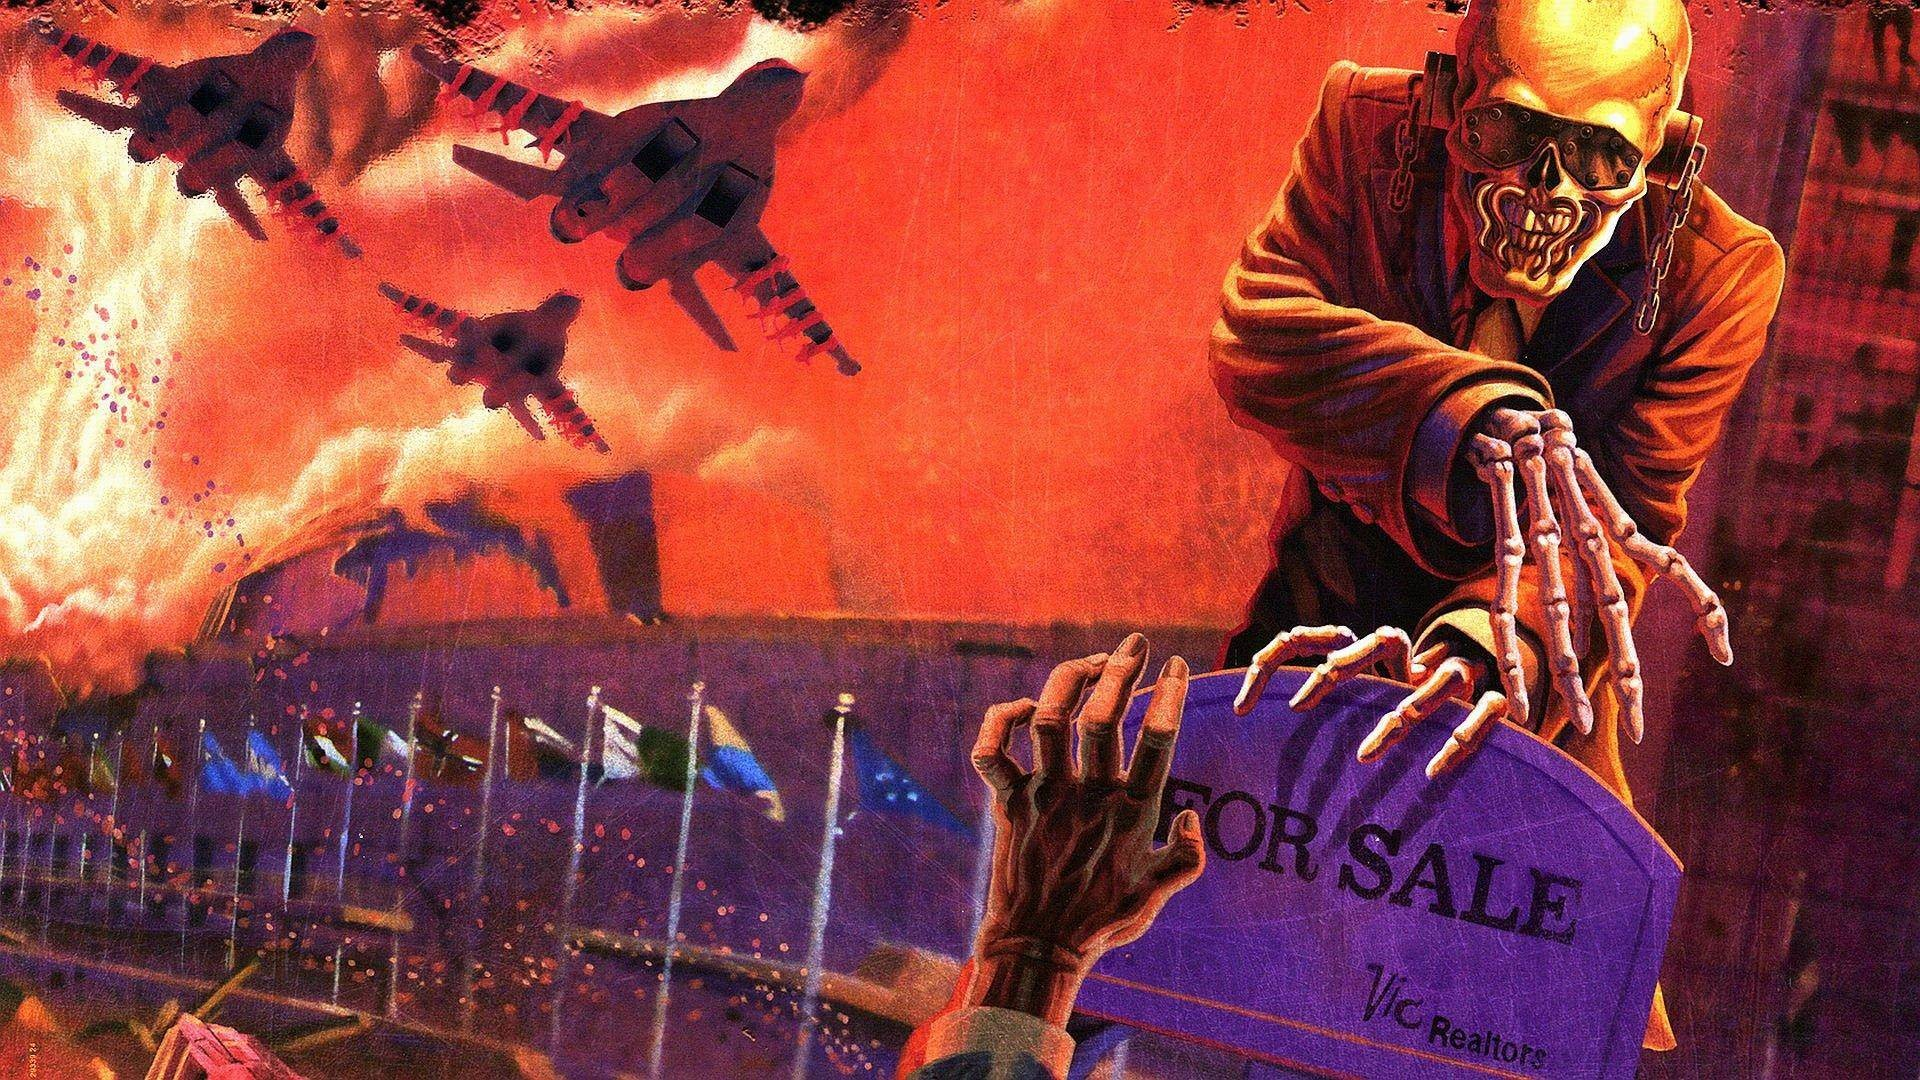 Megadeth Wallpaper Desktop 62 Images